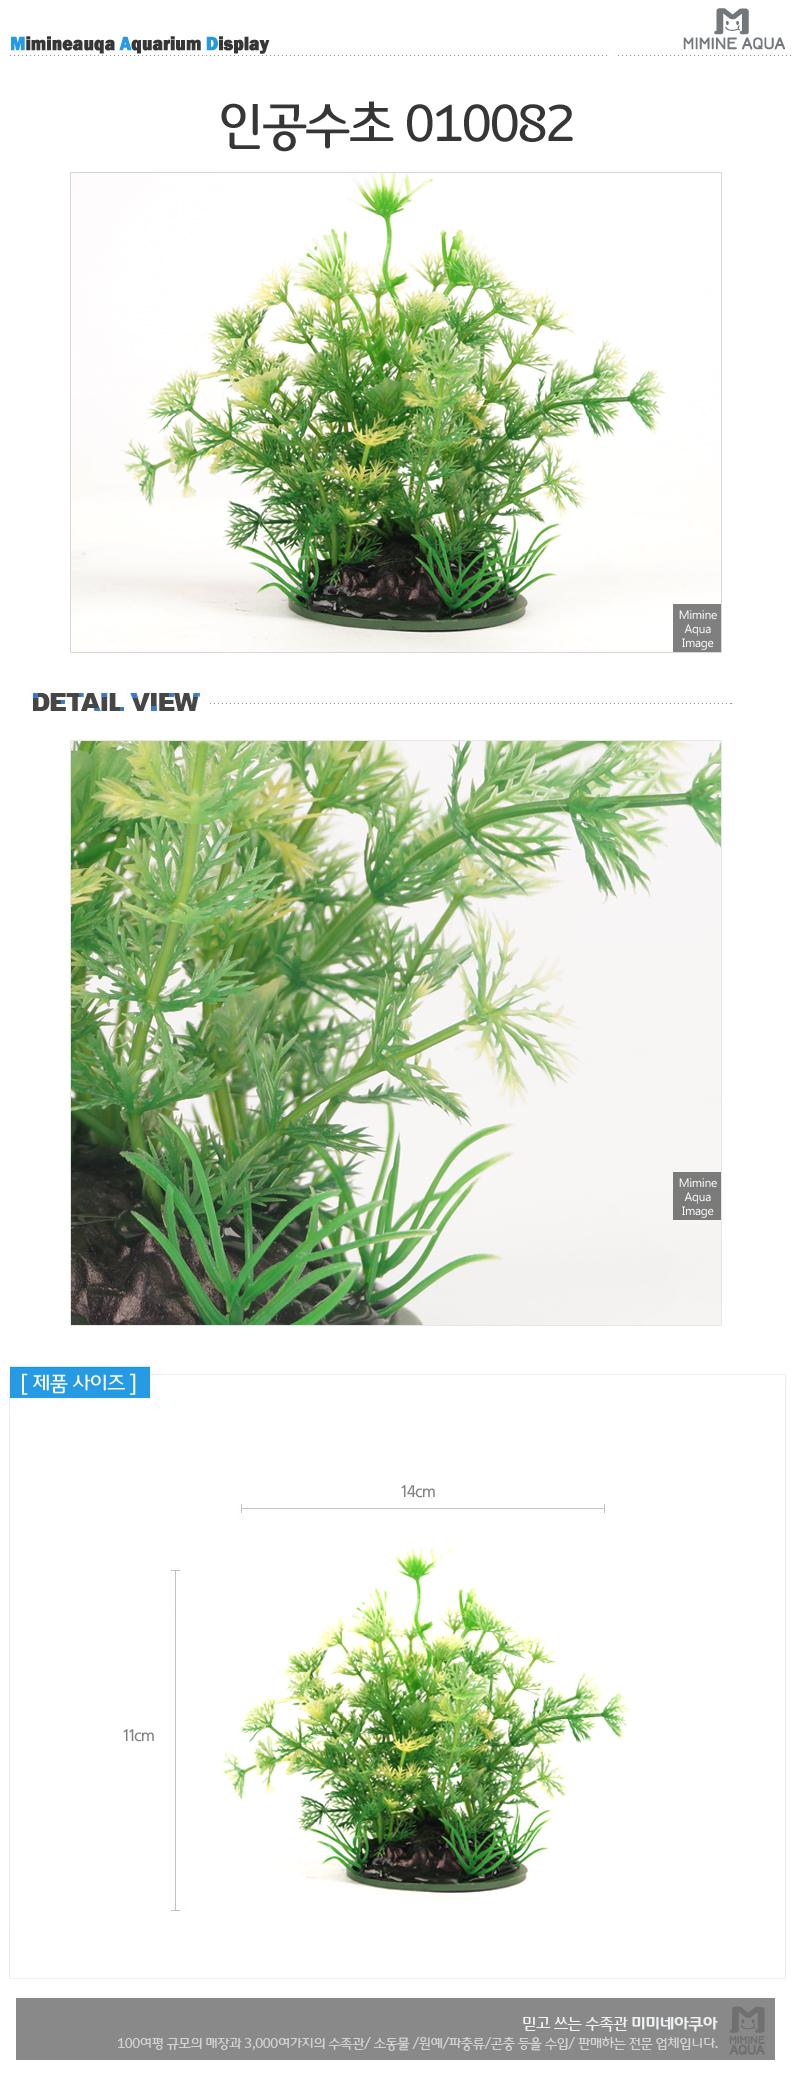 인공수초 010082 - 미미네아쿠아, 2,500원, 장식품, 수초